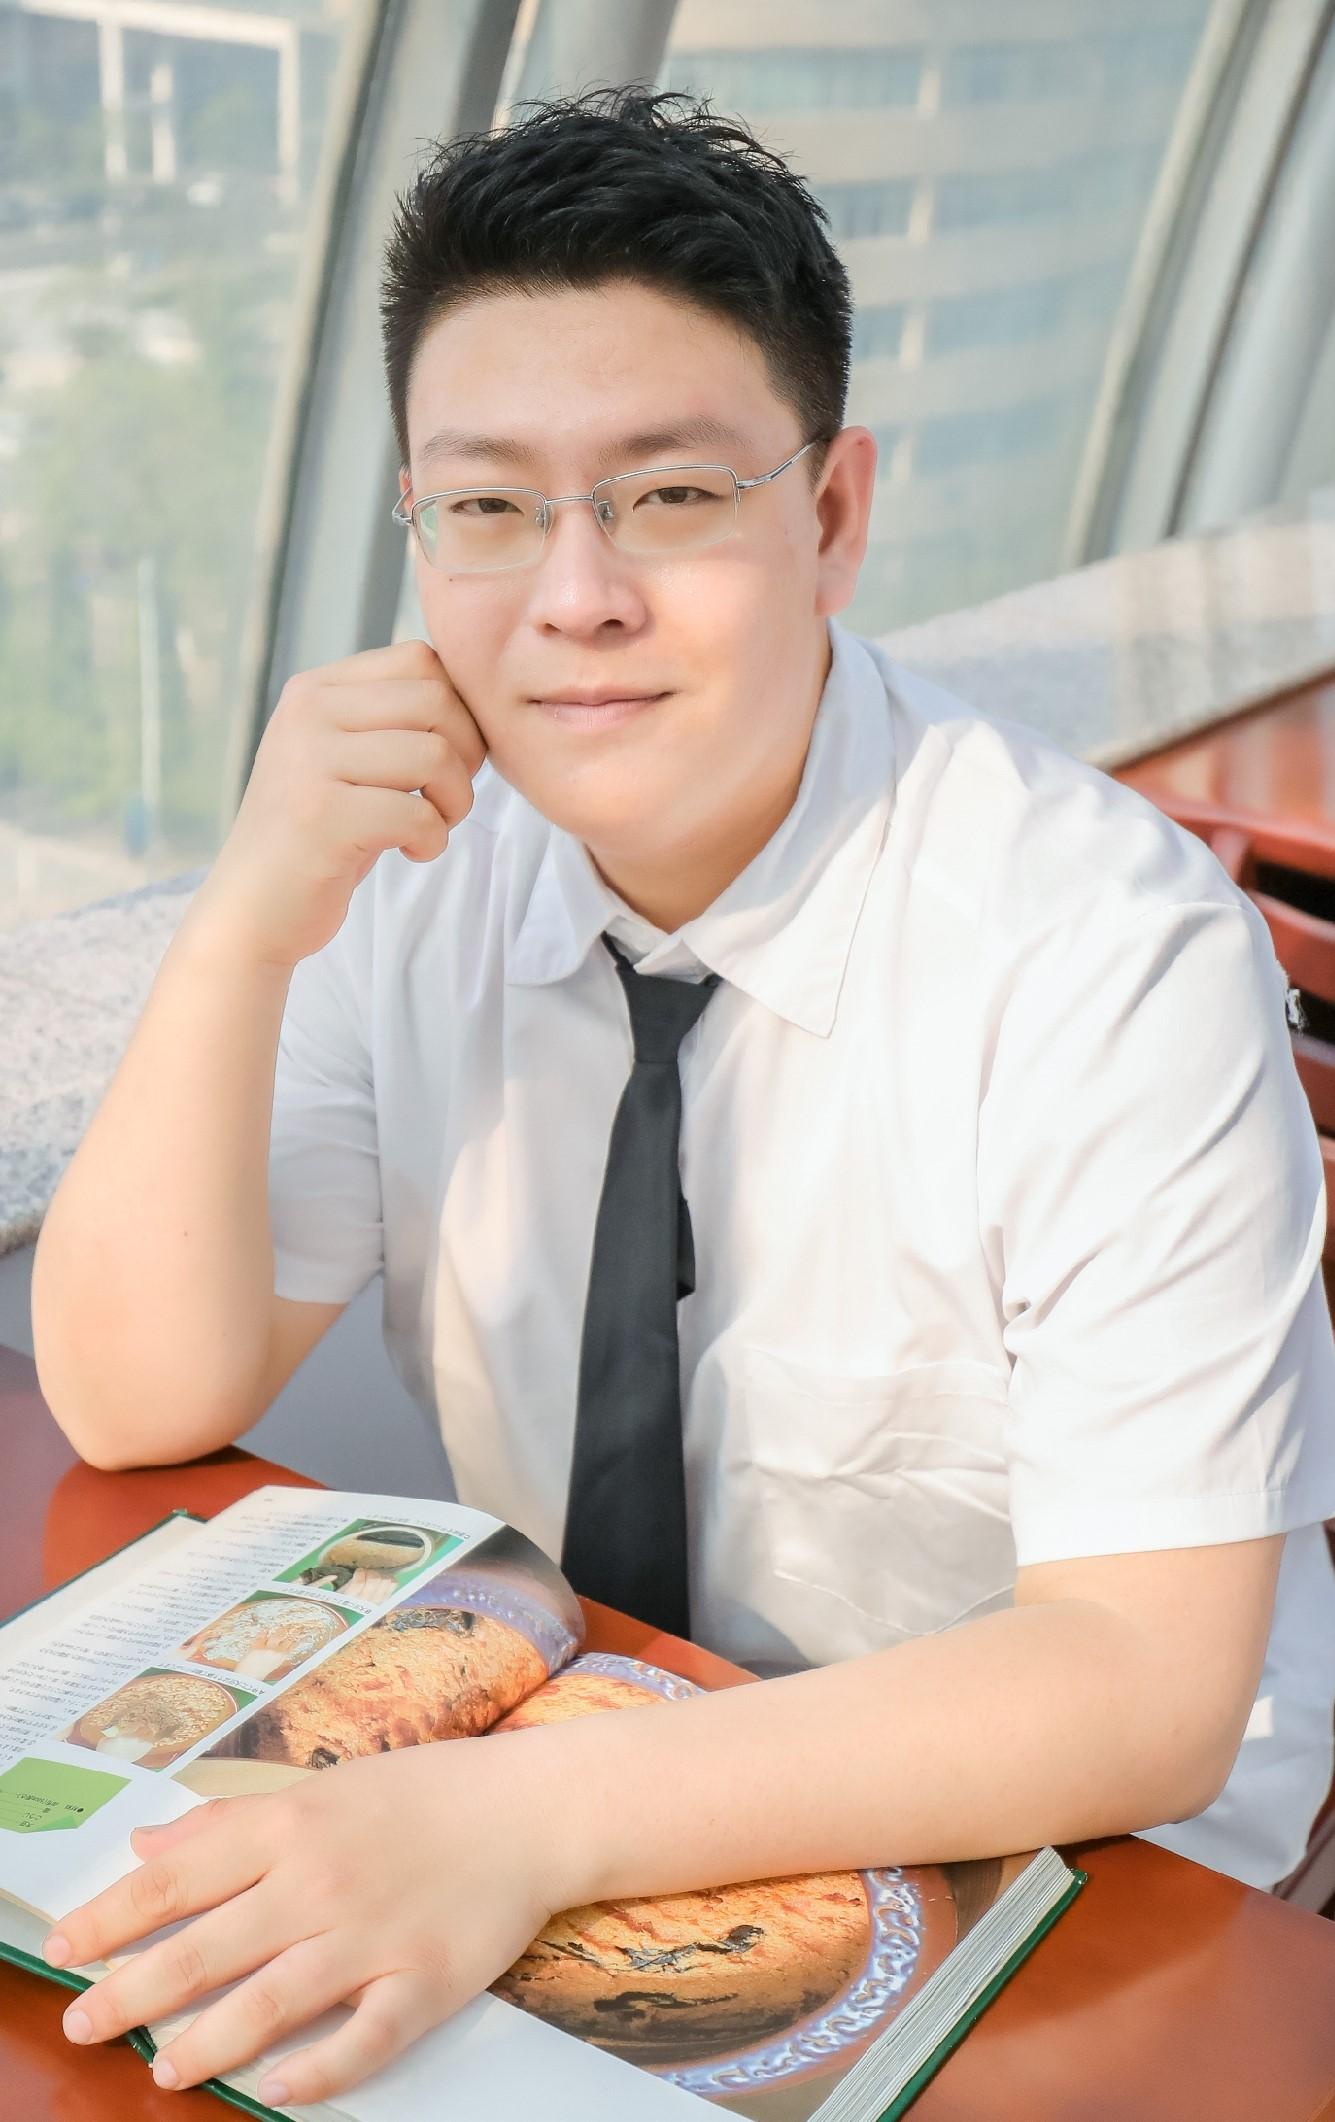 刘凯宁1594629134.jpg